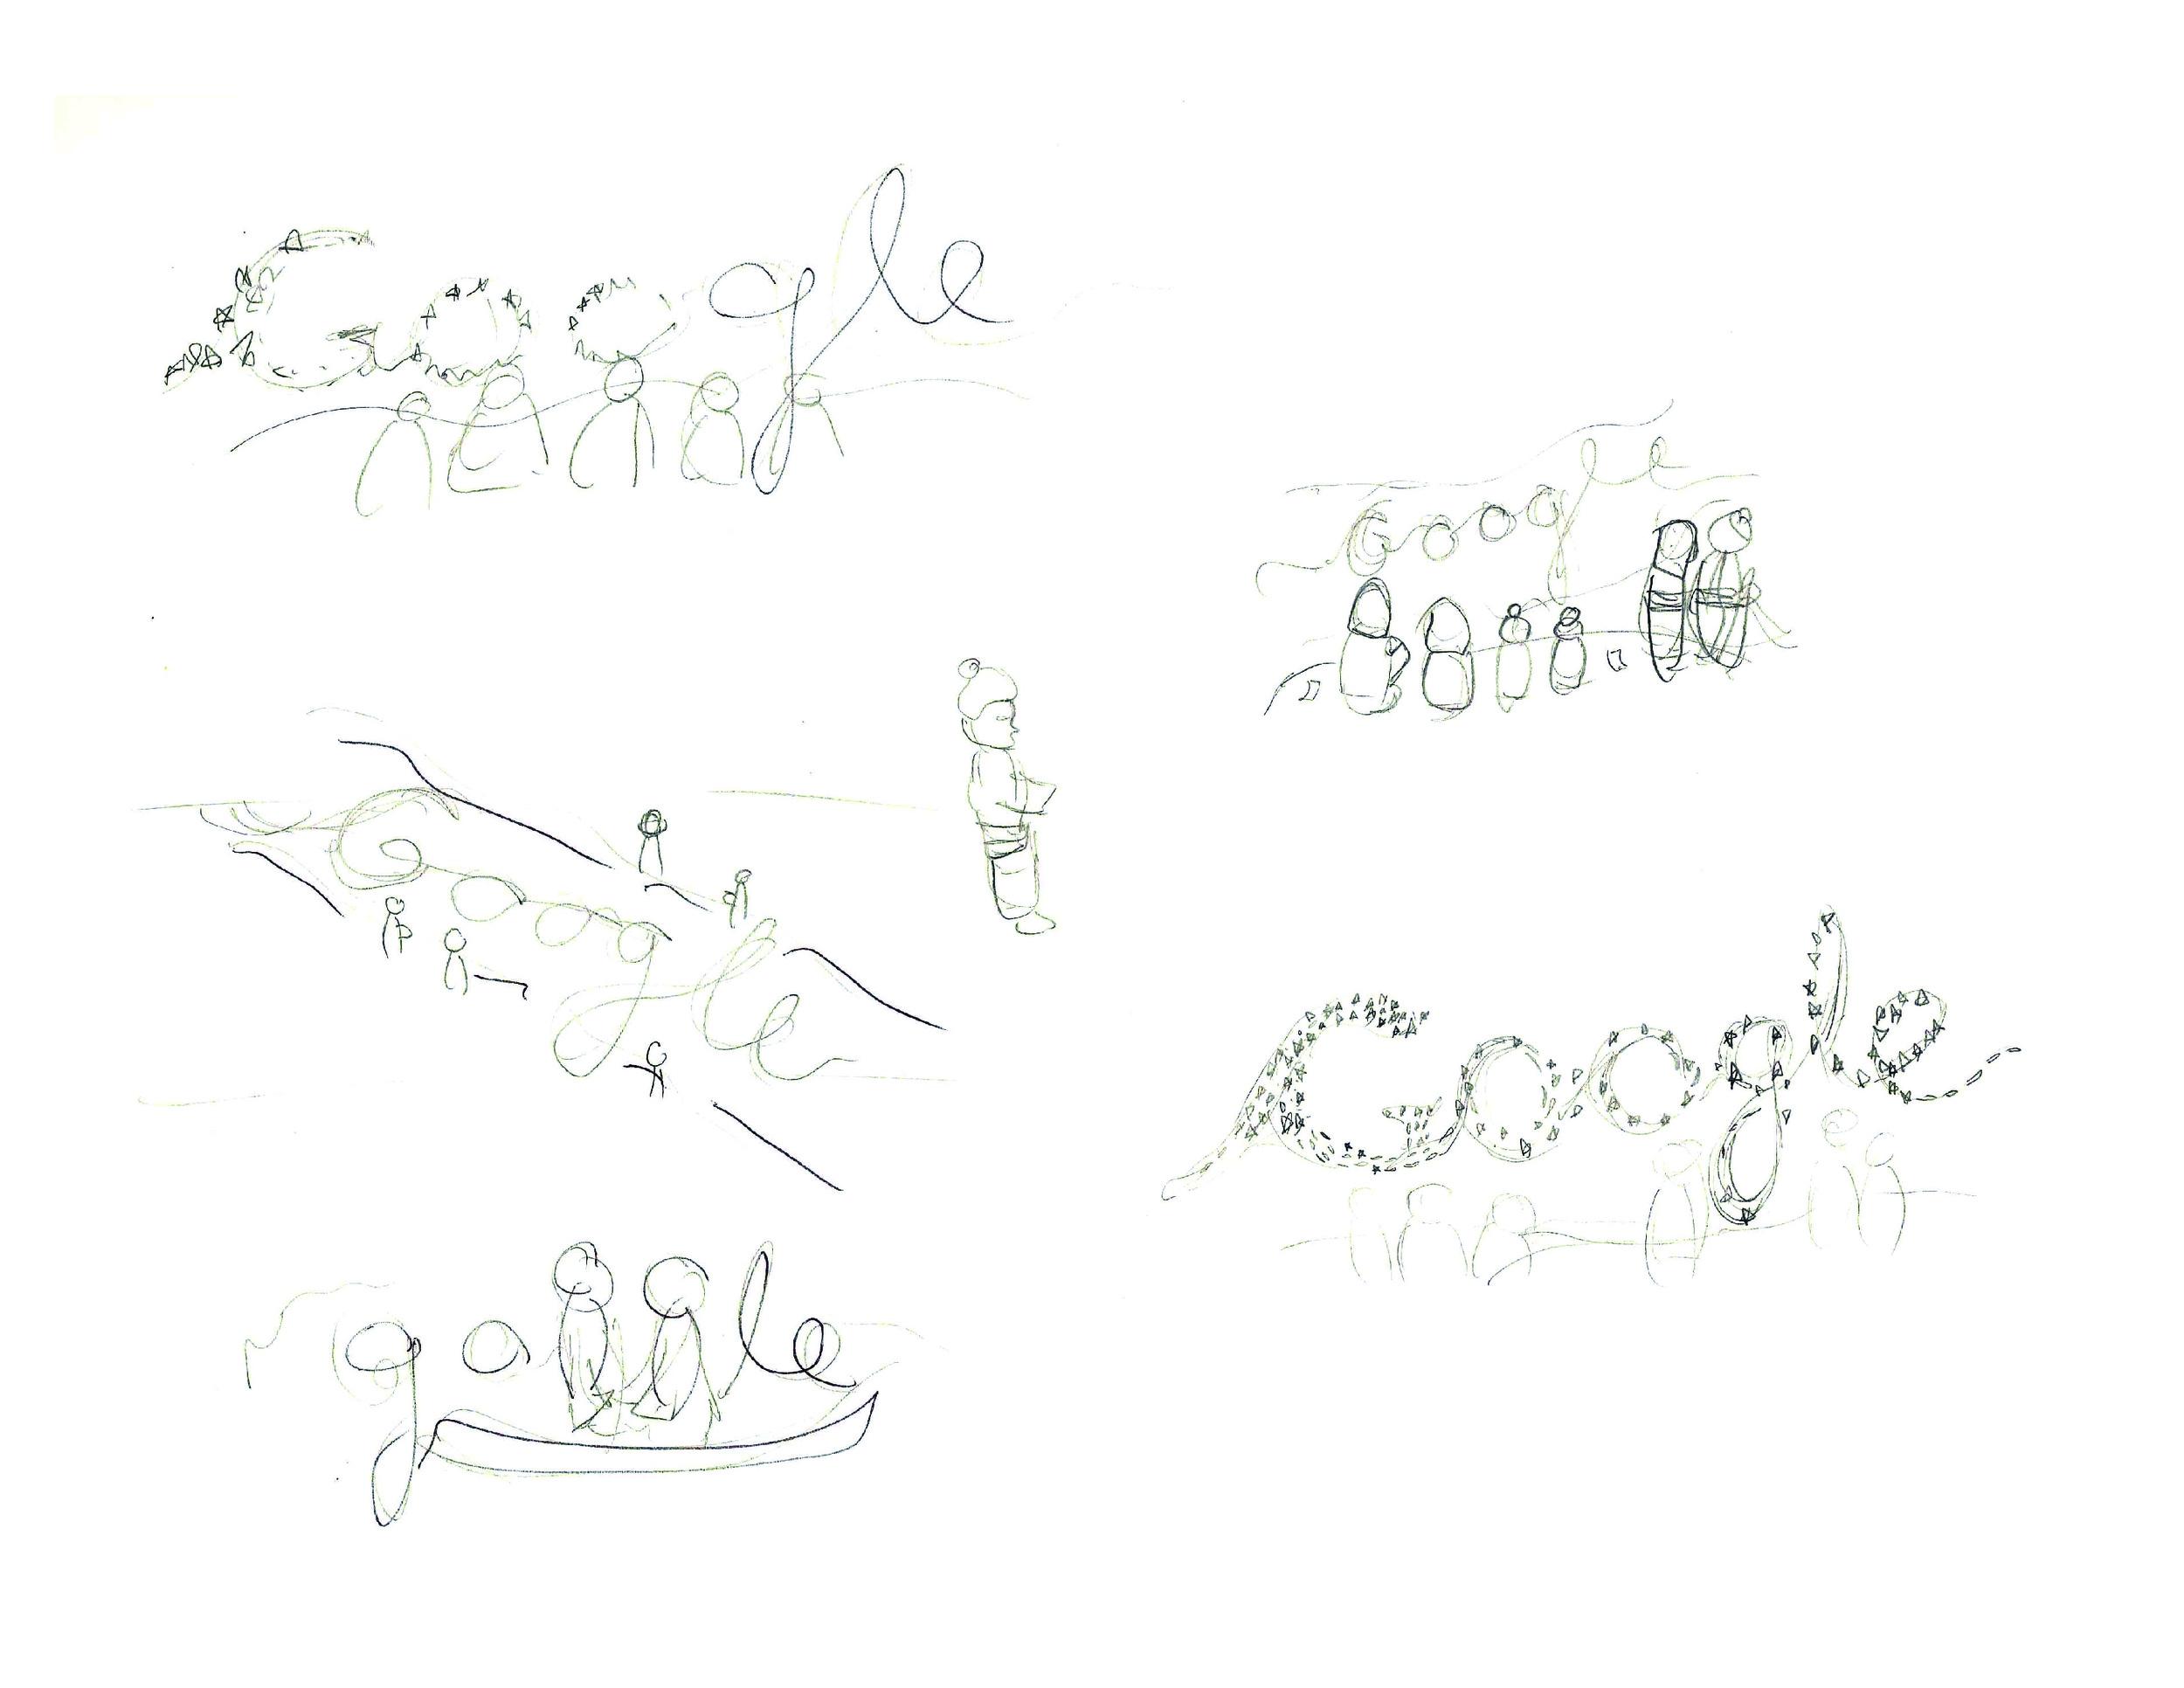 tanabata_sketches-07.jpg